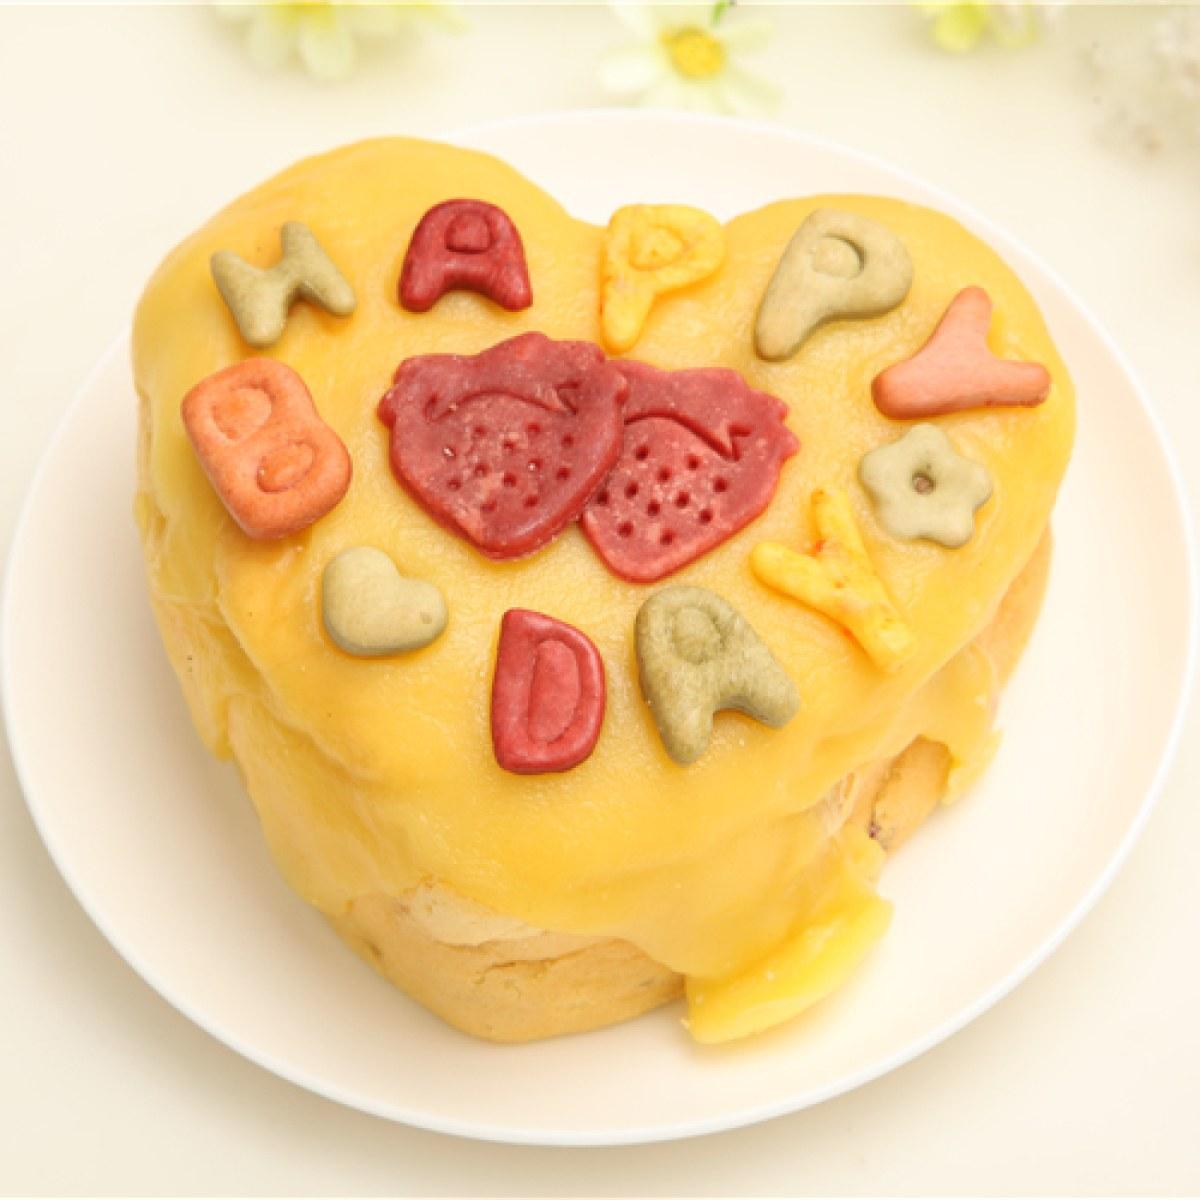 海盗狗 手工自制 6寸 狗狗生日蛋糕 宠物蛋糕